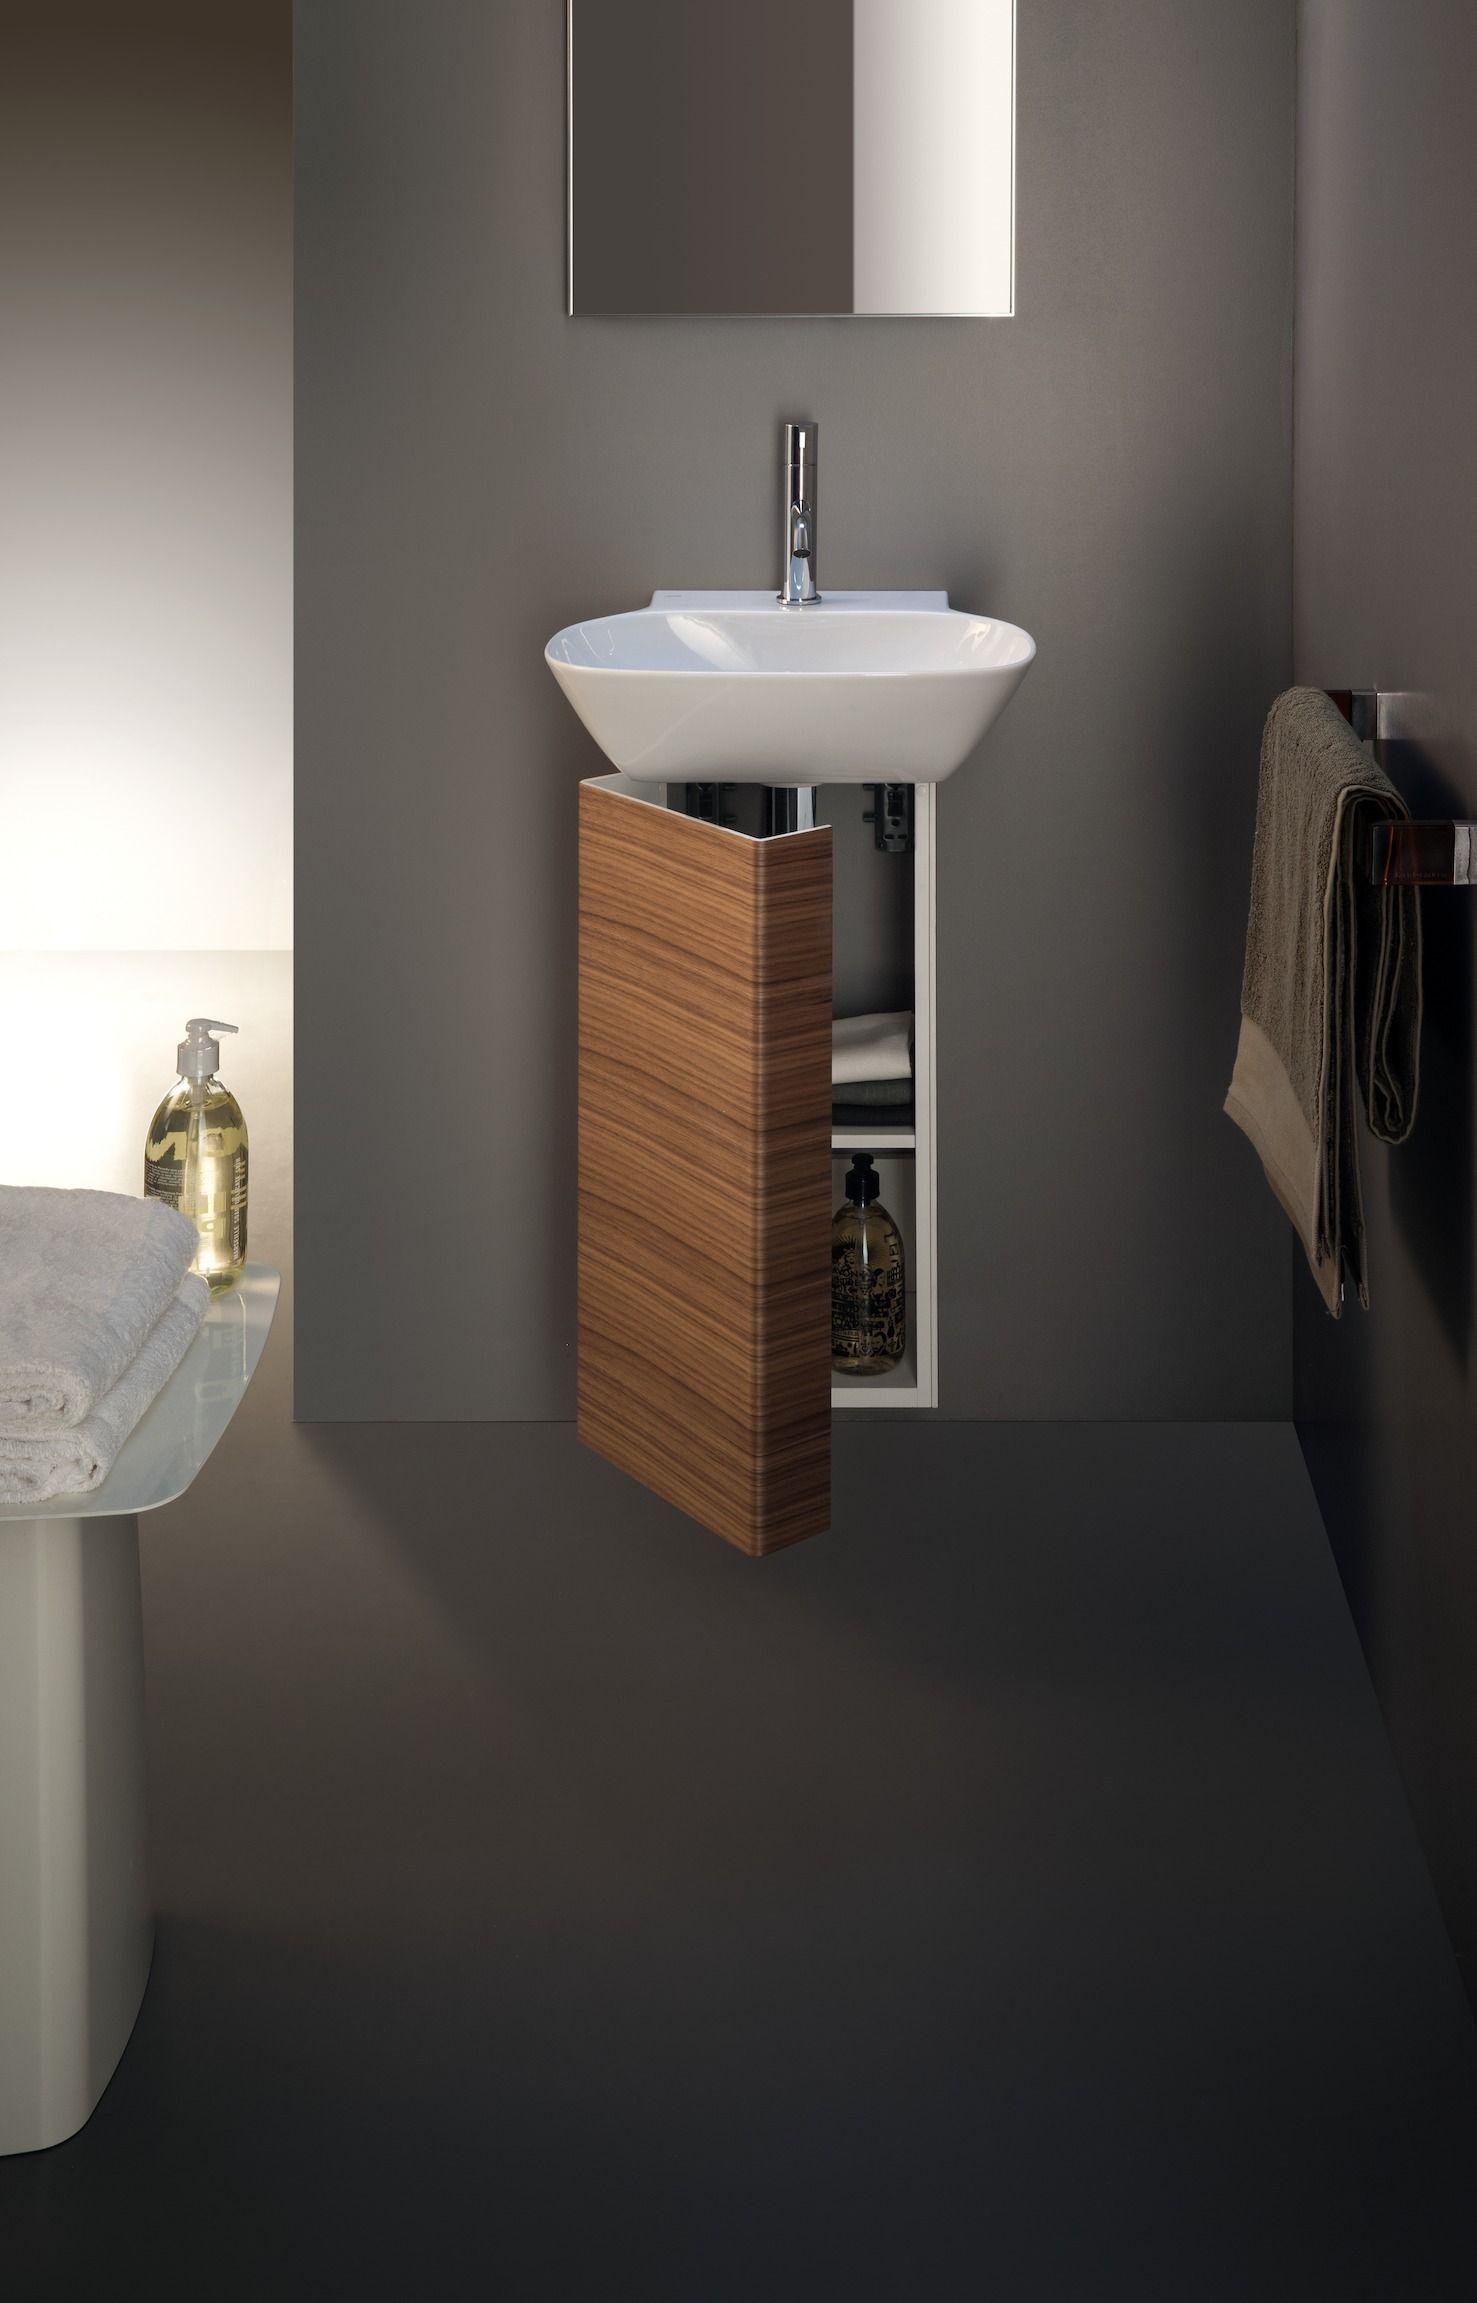 In Diesem Bild Sehen Sie Die Elegante Losung Fur Gaste Bader Von Laufen Serie Ino Laufen Ino Mini Waschbecken Gaste Wc Bad Inspiration Kleine Toilette Design